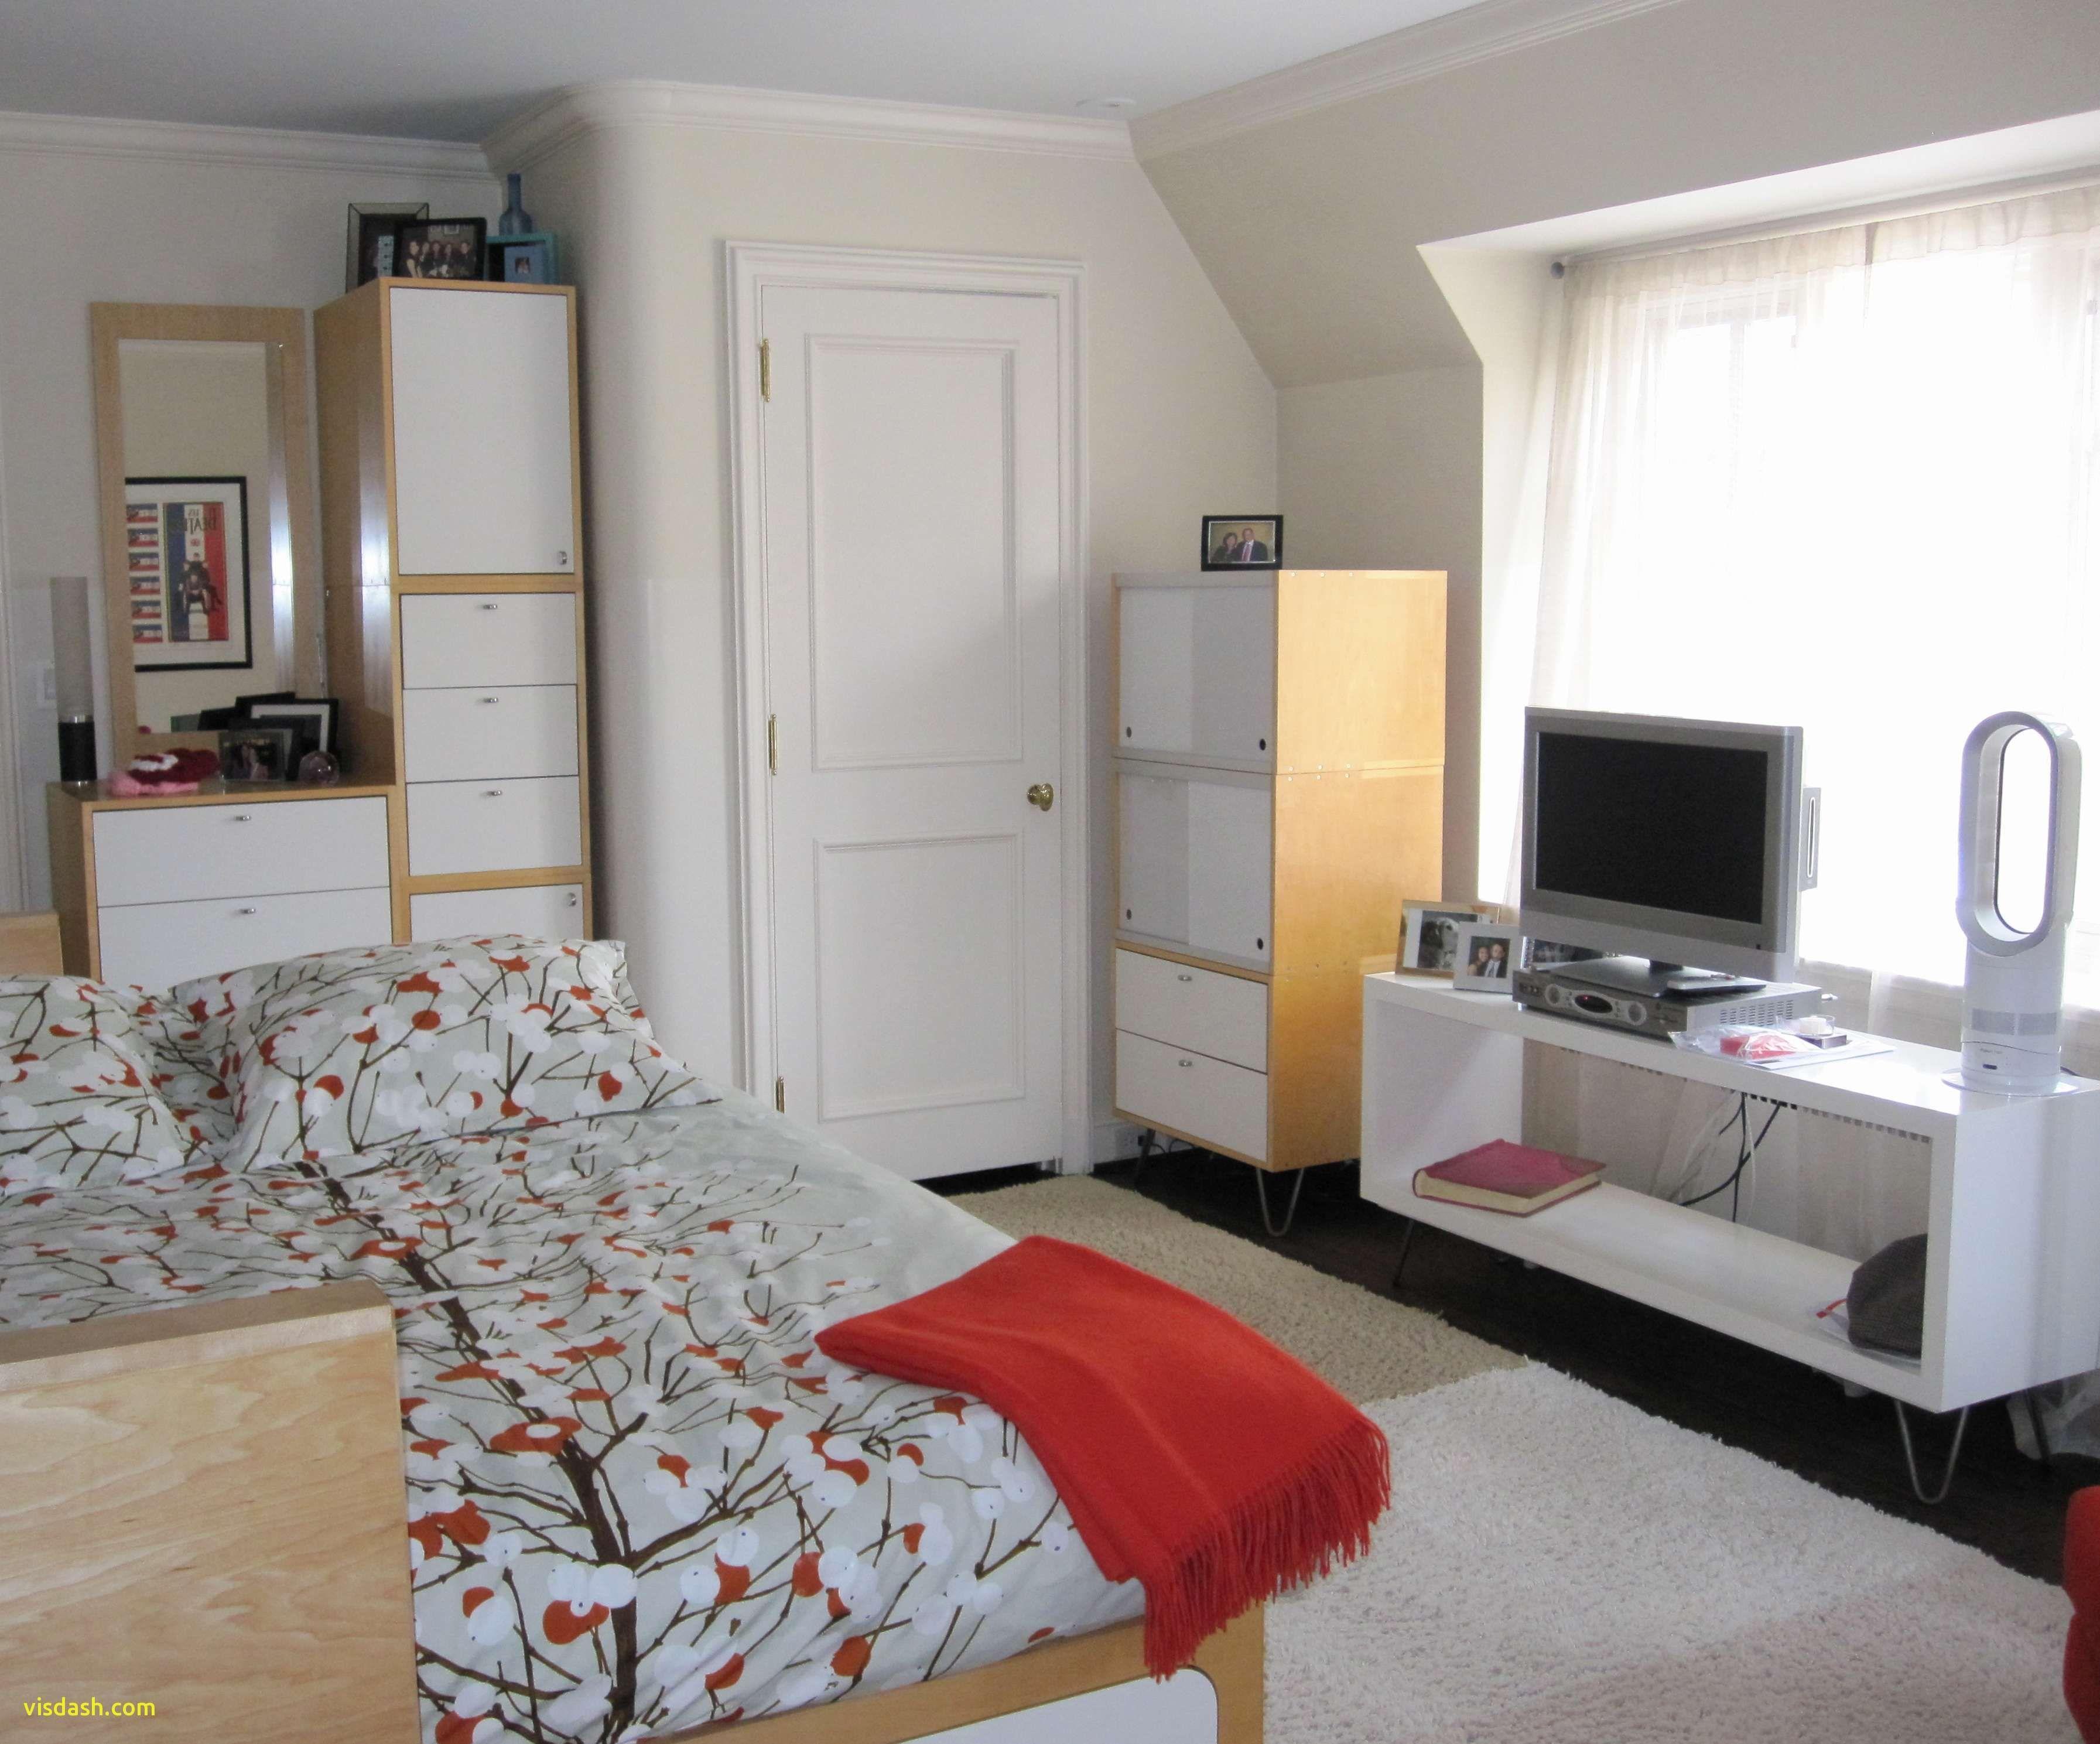 12 Year Old Room Ideas Schlafzimmer mädchen, Mädchen